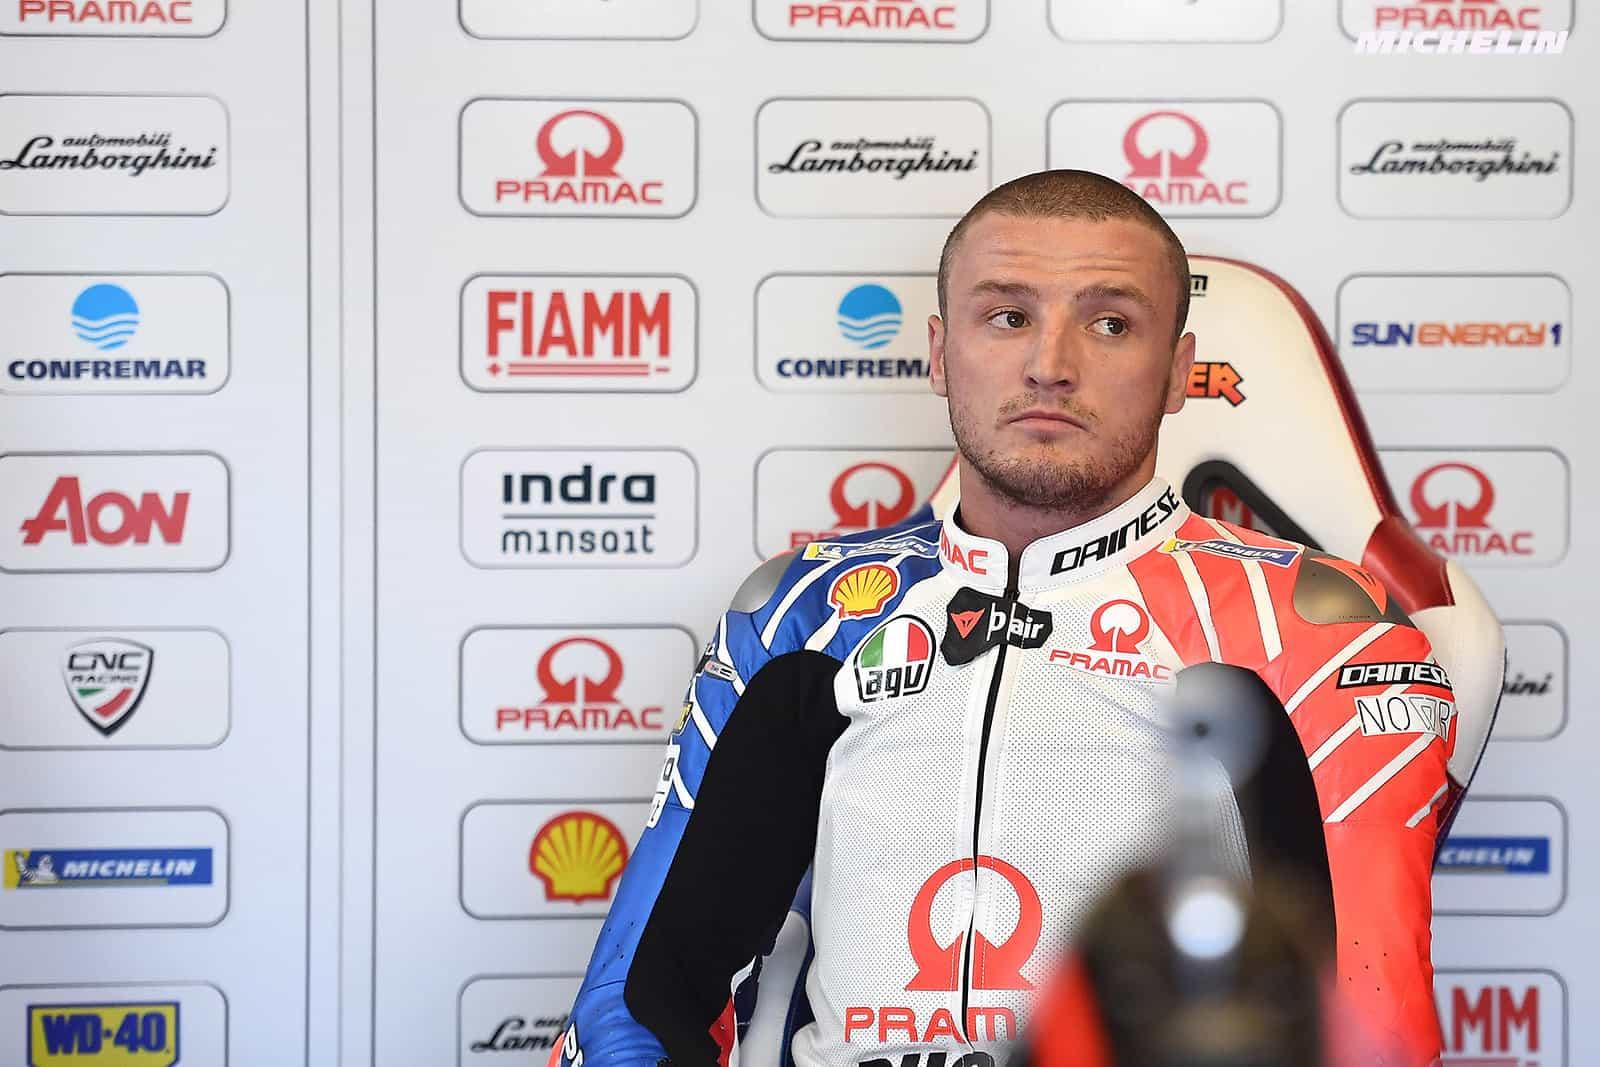 Ducatiダヴィデ・タルドッツィ「ジャックをファクトリー加入させることを考えている」